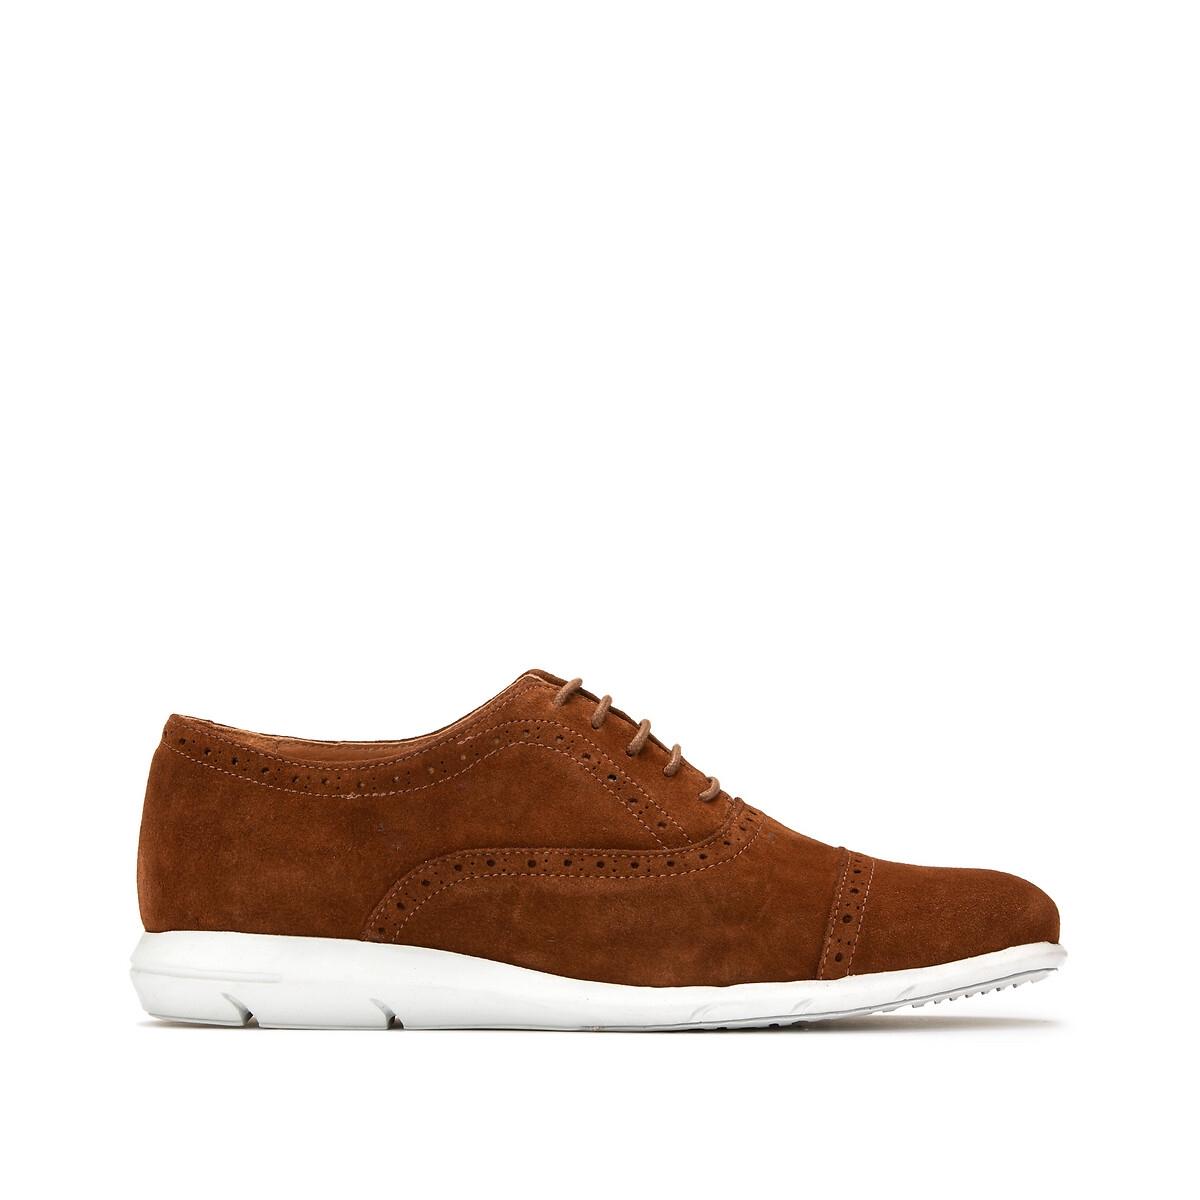 Ботинки-дерби La Redoute Кожаные 42 каштановый сапоги la redoute кожаные на меху размеры 26 каштановый